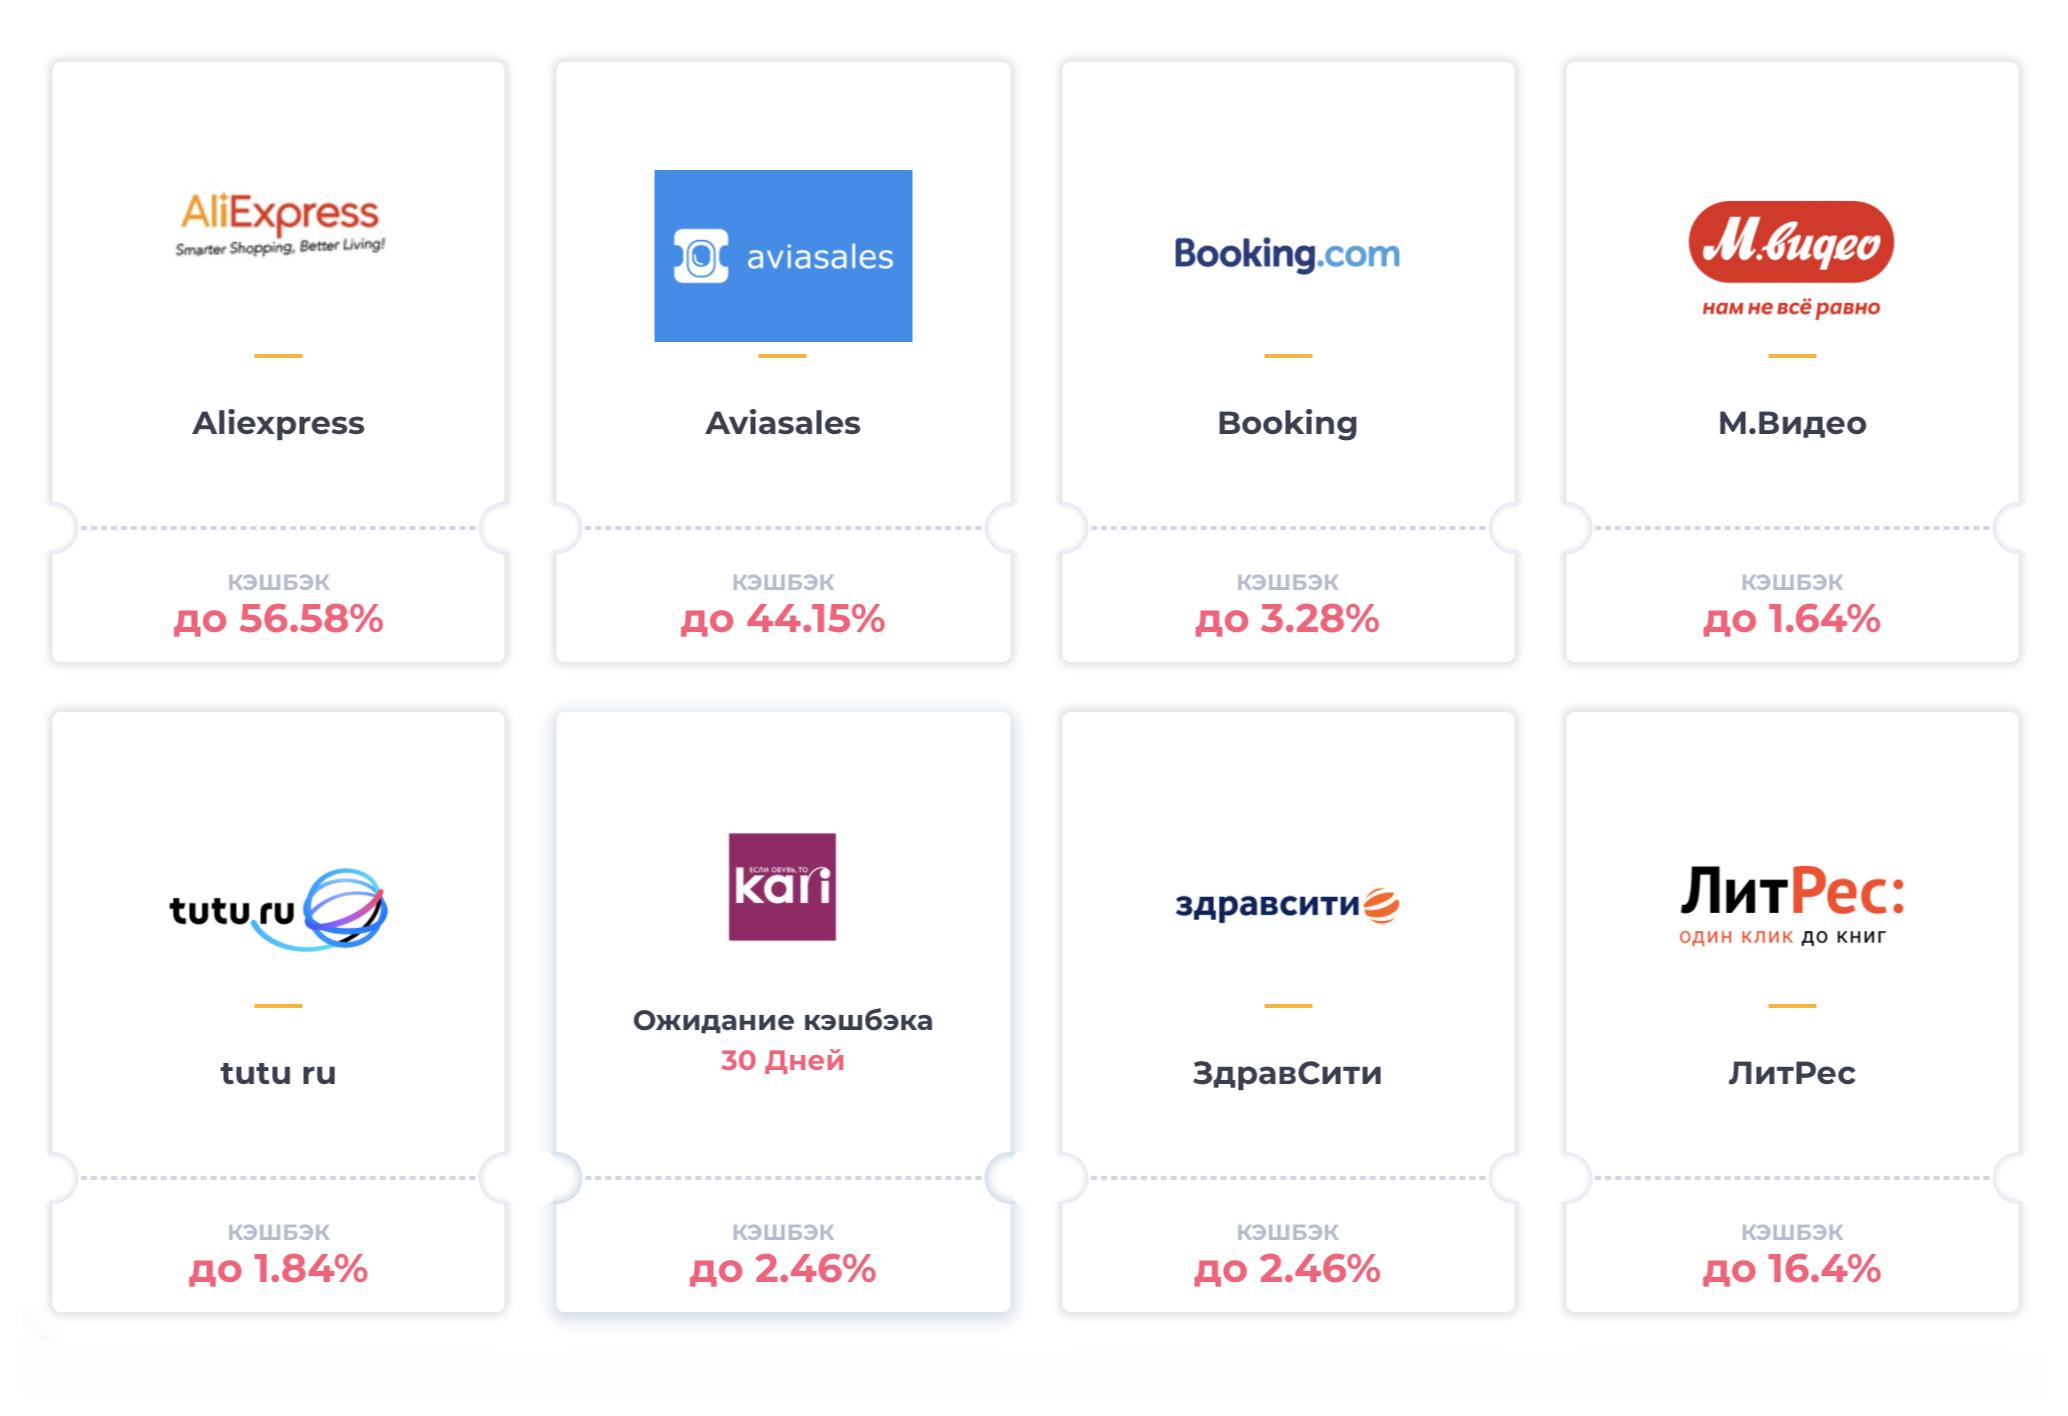 Среди своих партнеров «Ситилайф» называет известные бренды. Да и размер кэшбэка выглядит внушительно